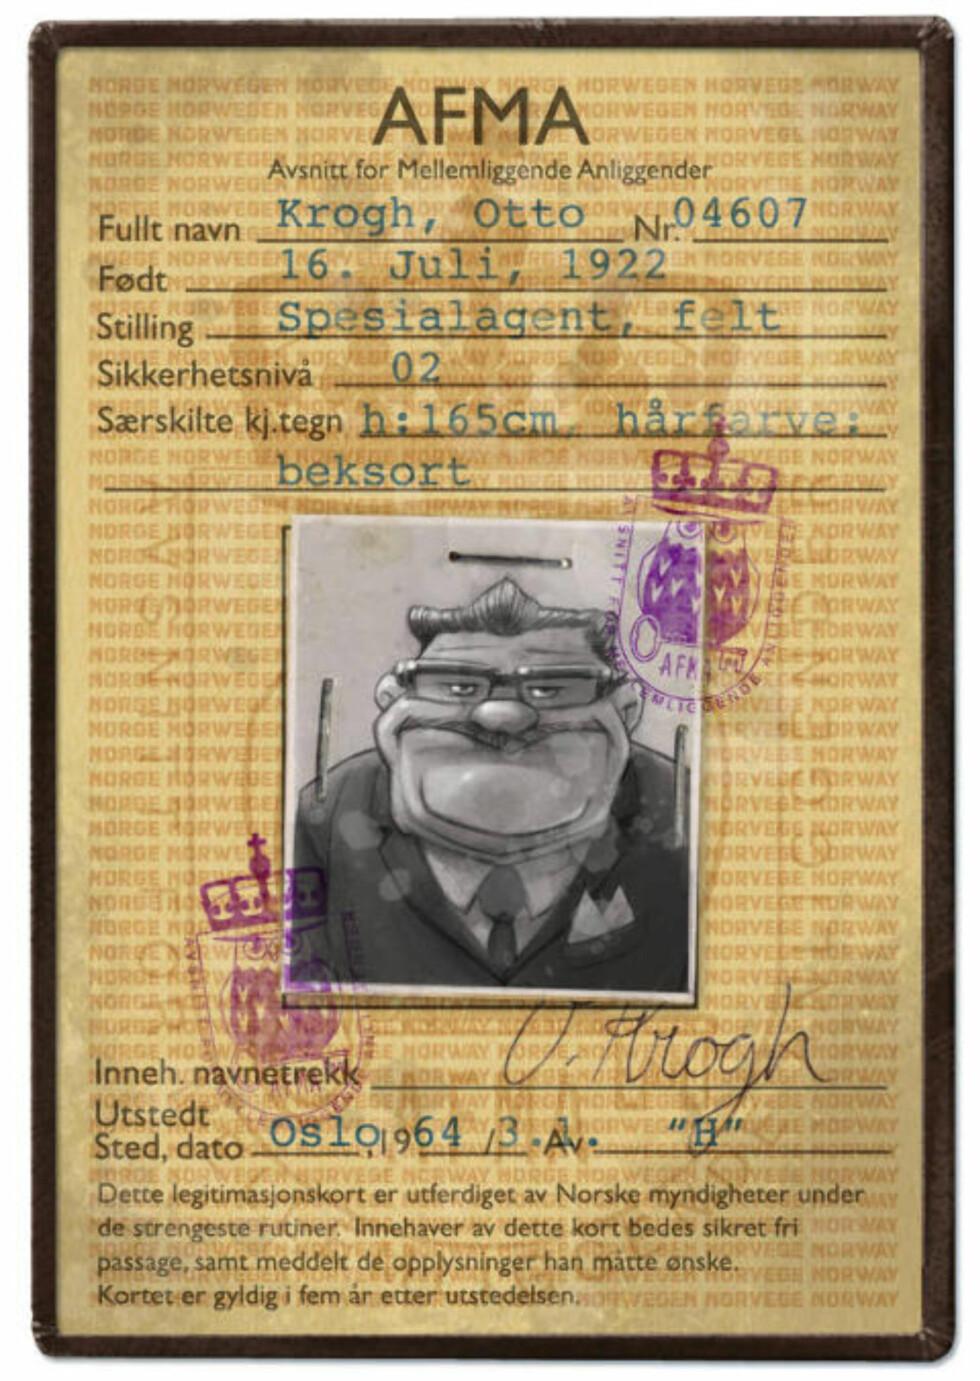 «VETERANEN»: Otto Krogh er en gammel venn av «Høvdingen», begge to har bakgrunn fra motstandskampen under krigen. Han er en «klassisk streber», som ikke er kommet så mye lenger enn Krüger i karrieren til tross for at han nærmer seg pensjonsalderen. Opptatt av at ting skal skje etter boka.